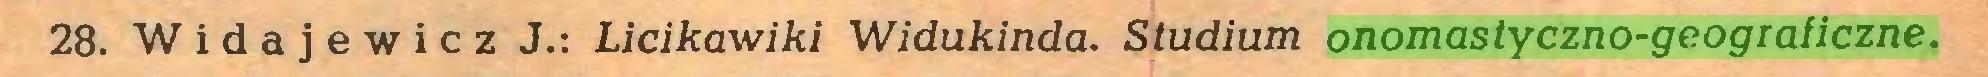 (...) 28. W i d a j e w i c z J.: Licikawiki Widukinda. Studium onomastyczno-geograficzne...